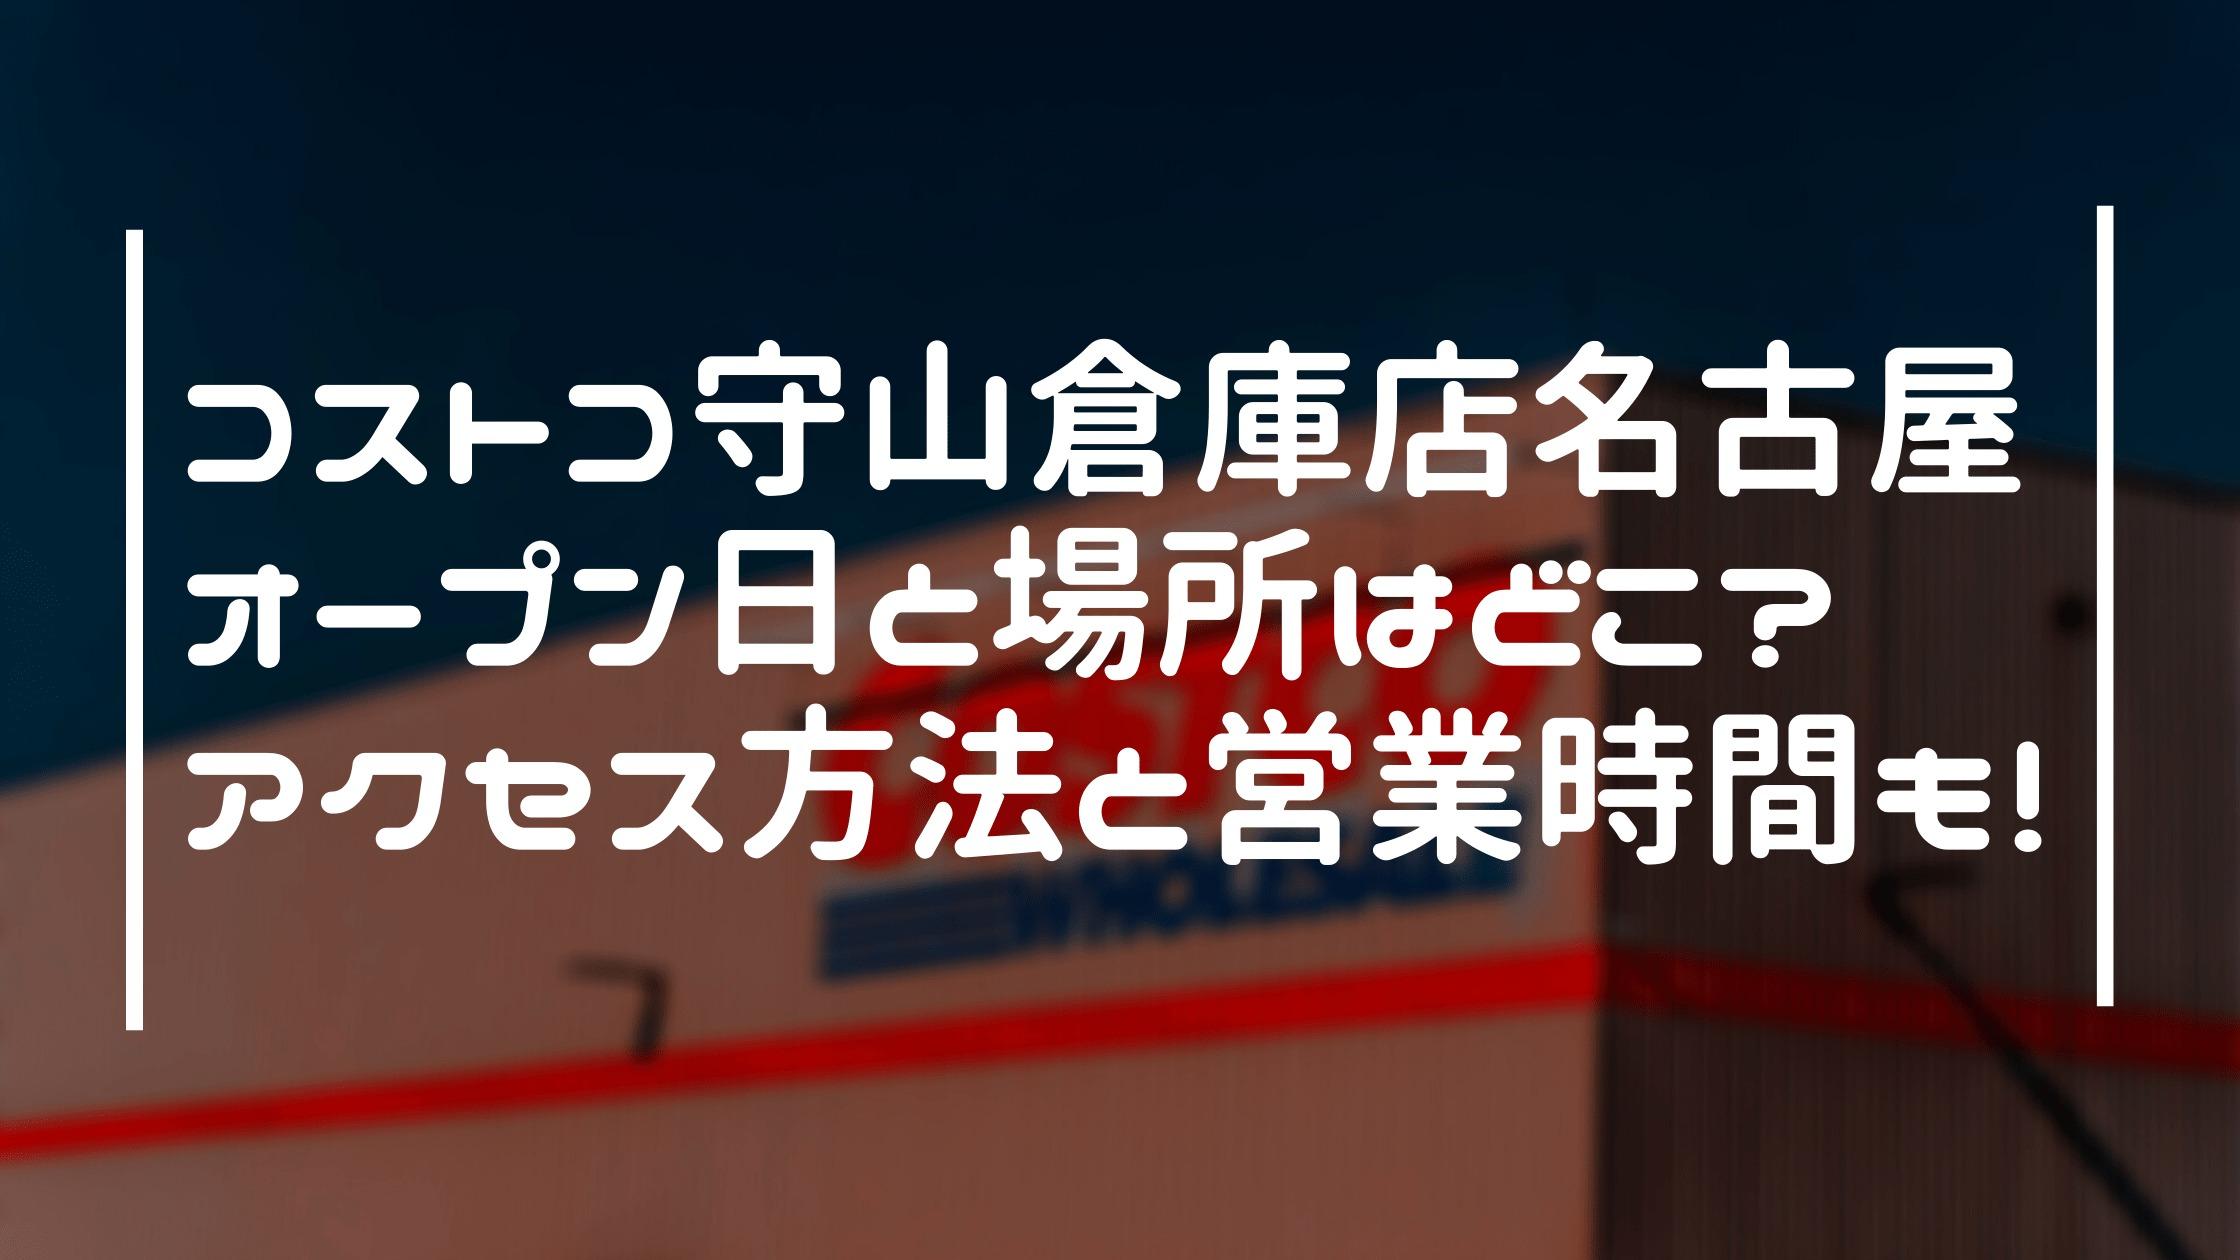 コストコ守山倉庫店名古屋オープン日と場所はどこ?アクセス方法と営業時間も!